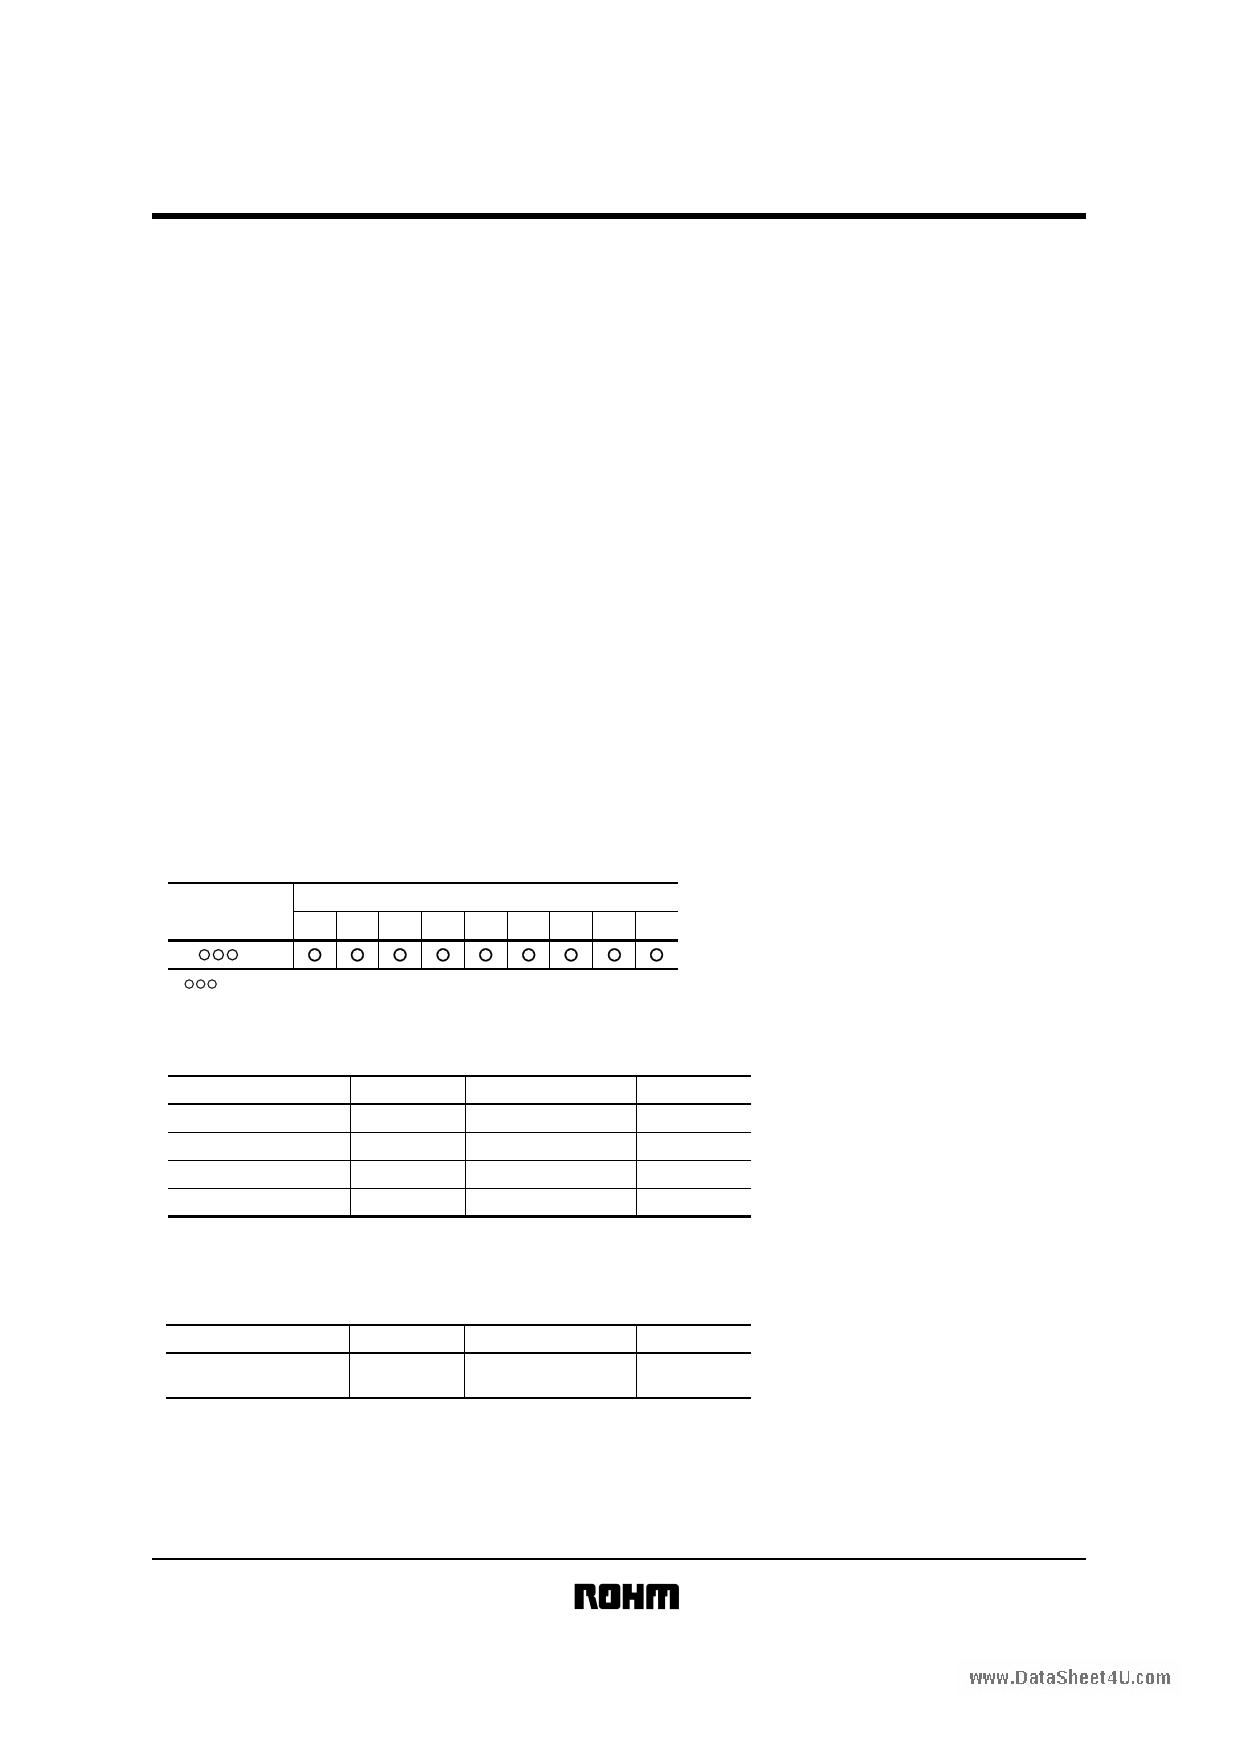 BA030LBSG datasheet